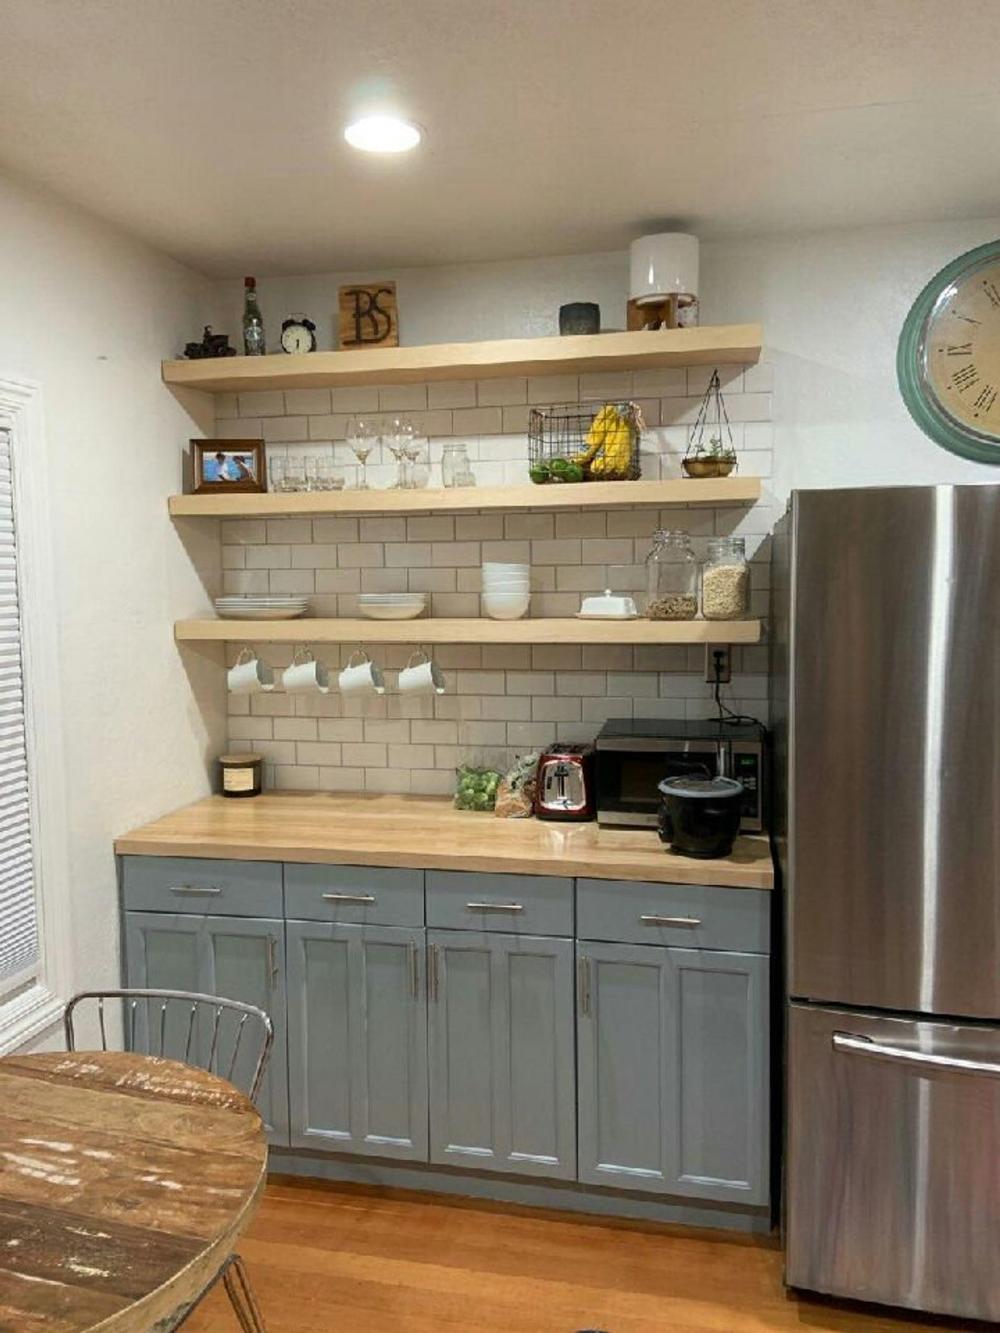 floating shelves in 2020 floating shelves kitchen on floating shelves kitchen id=28387